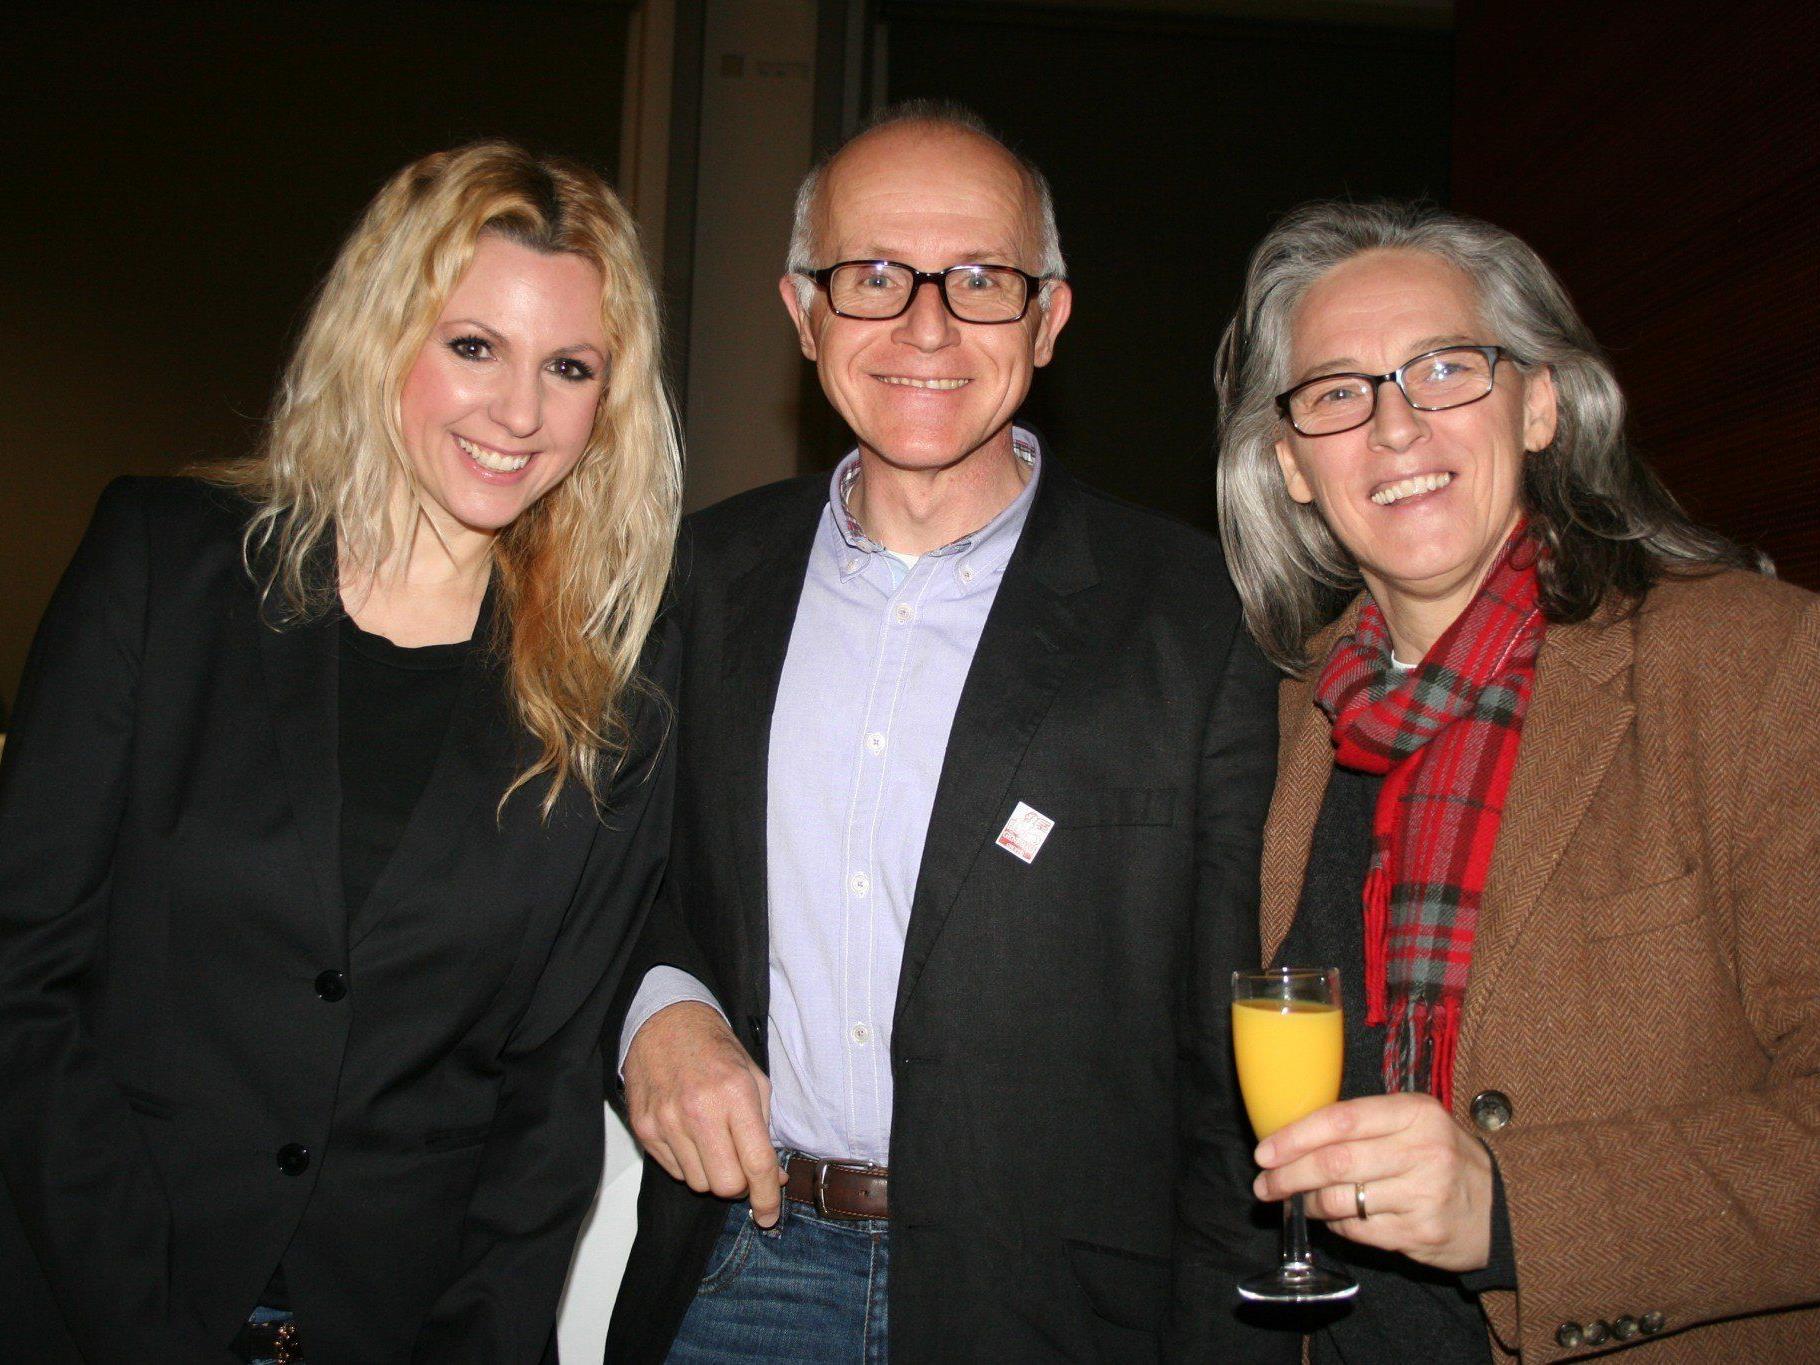 Obfrau Tanja Nachbaur, Dr. Pius Fink (Tierschutzombutsmann) und Referentin Elisabeth Majhenic.